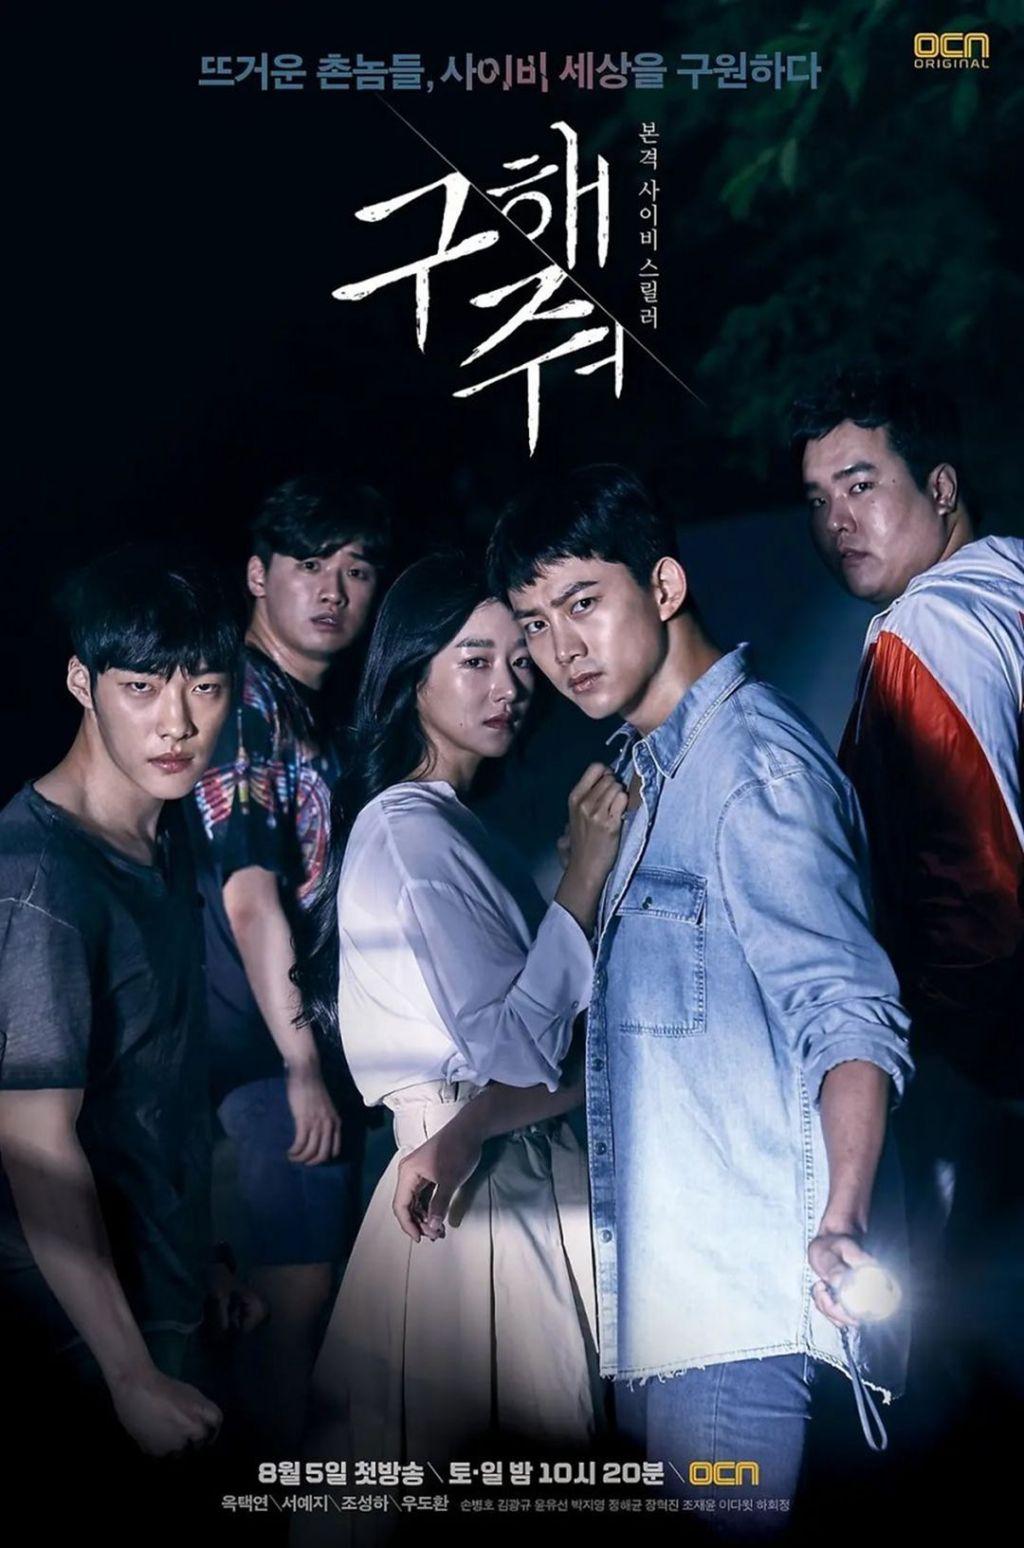 Sinopsis Dan Profil Lengkap Pemeran K-Drama Save Me (Season 1) 2017